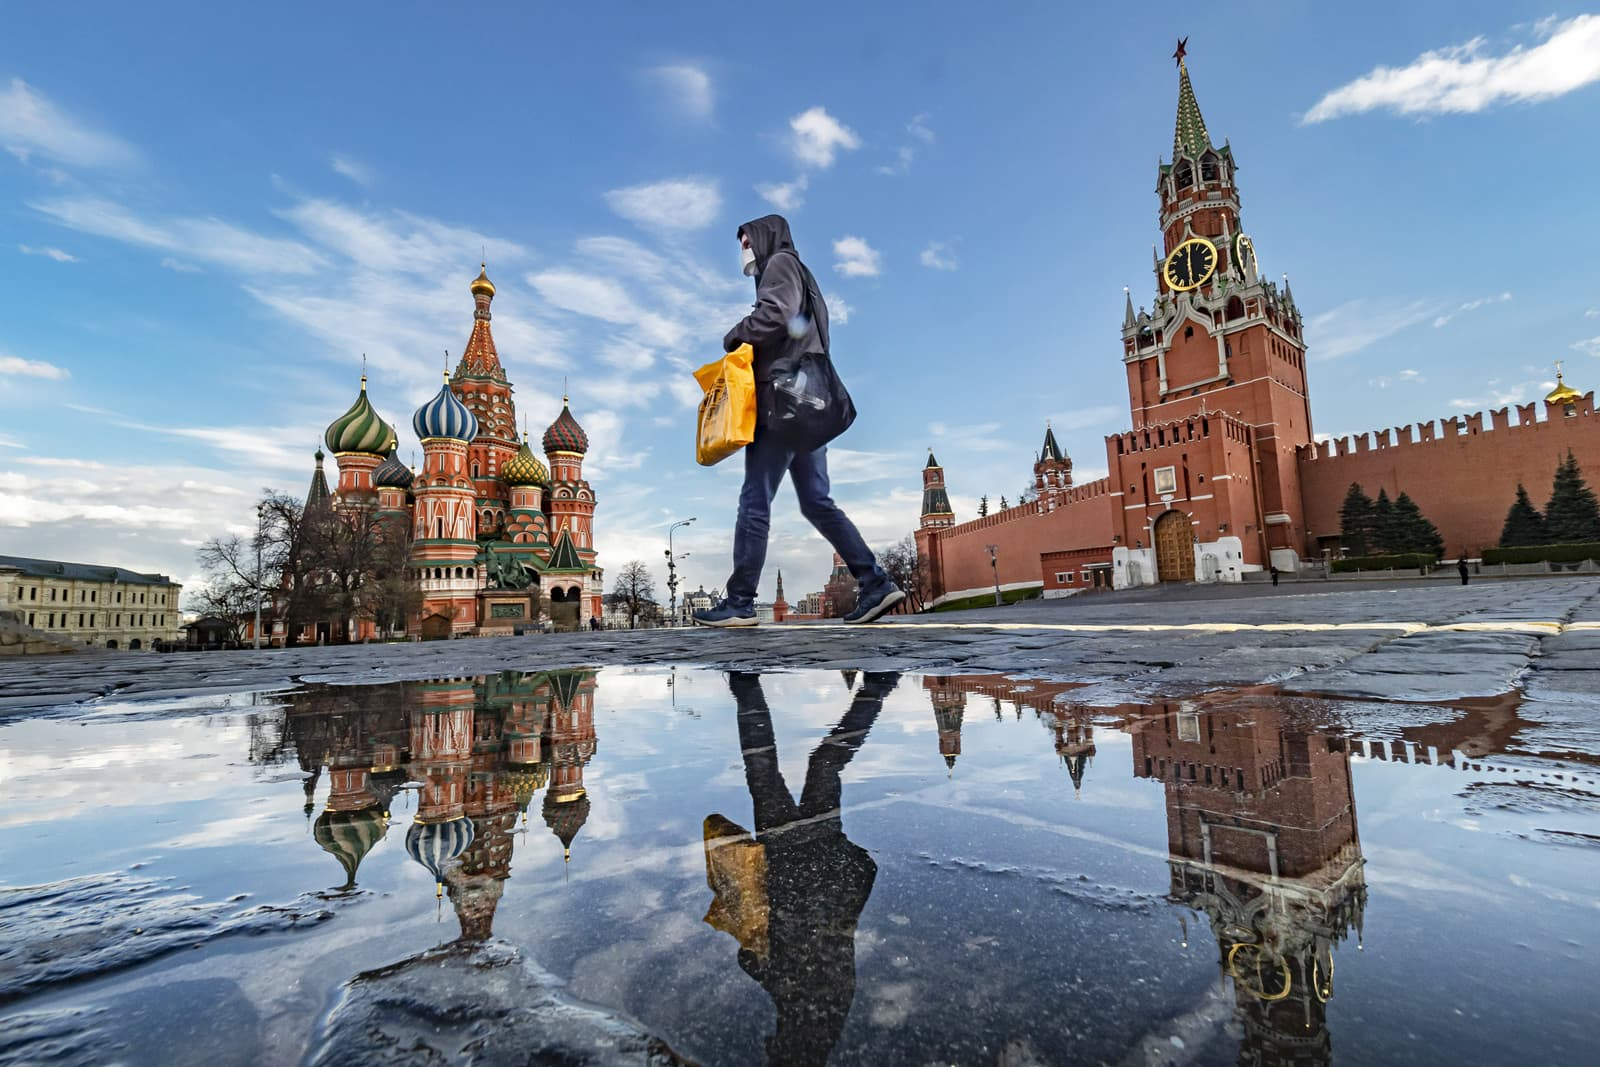 Una imatge insòlita de la plaça Roja de Moscou buida el 17 d'abril. Fotografia de A Russian Look/Zuma Wire